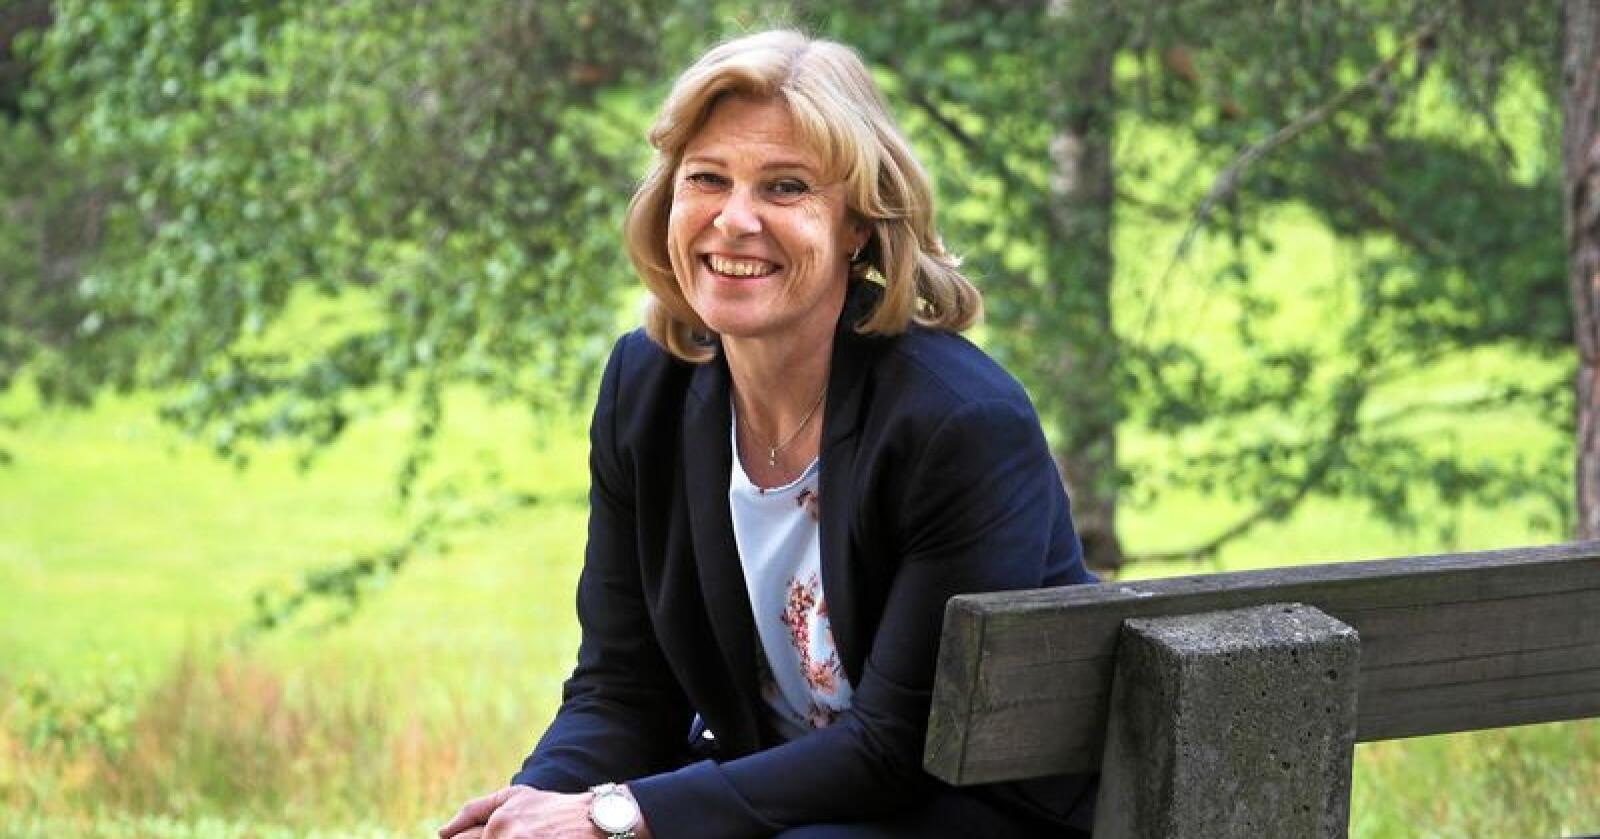 Anne Marit Panengstuen tiltrer som ny konsernsjef i Nortura SA fra 1. september. Hun kommer fra Siemens. Foto: Siri Juell Rasmussen